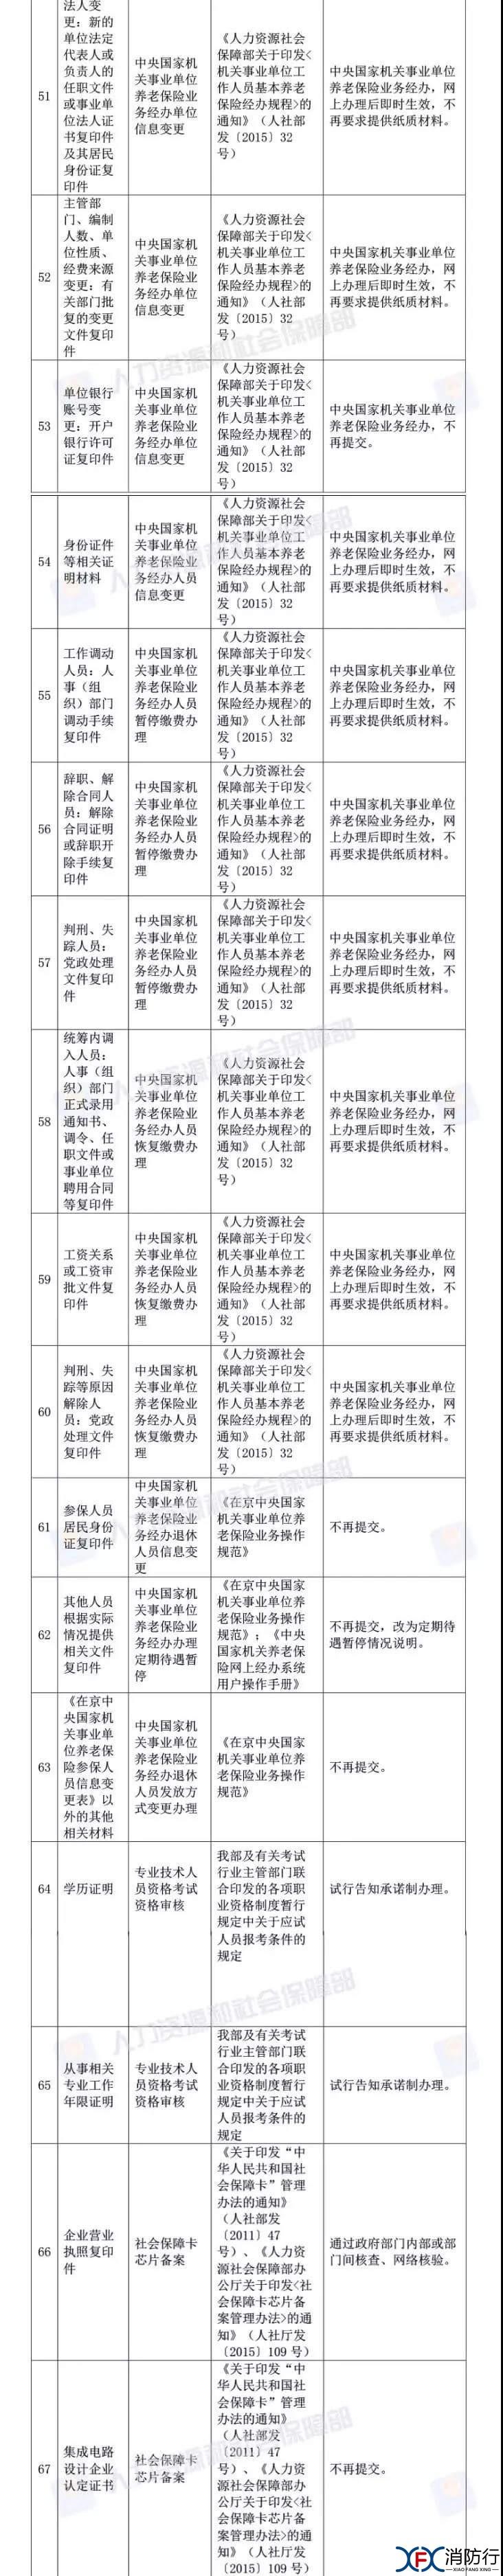 考试 人社部:资格考试审核不用再提供学历和相关工作年限证明!5.jpg.jpg